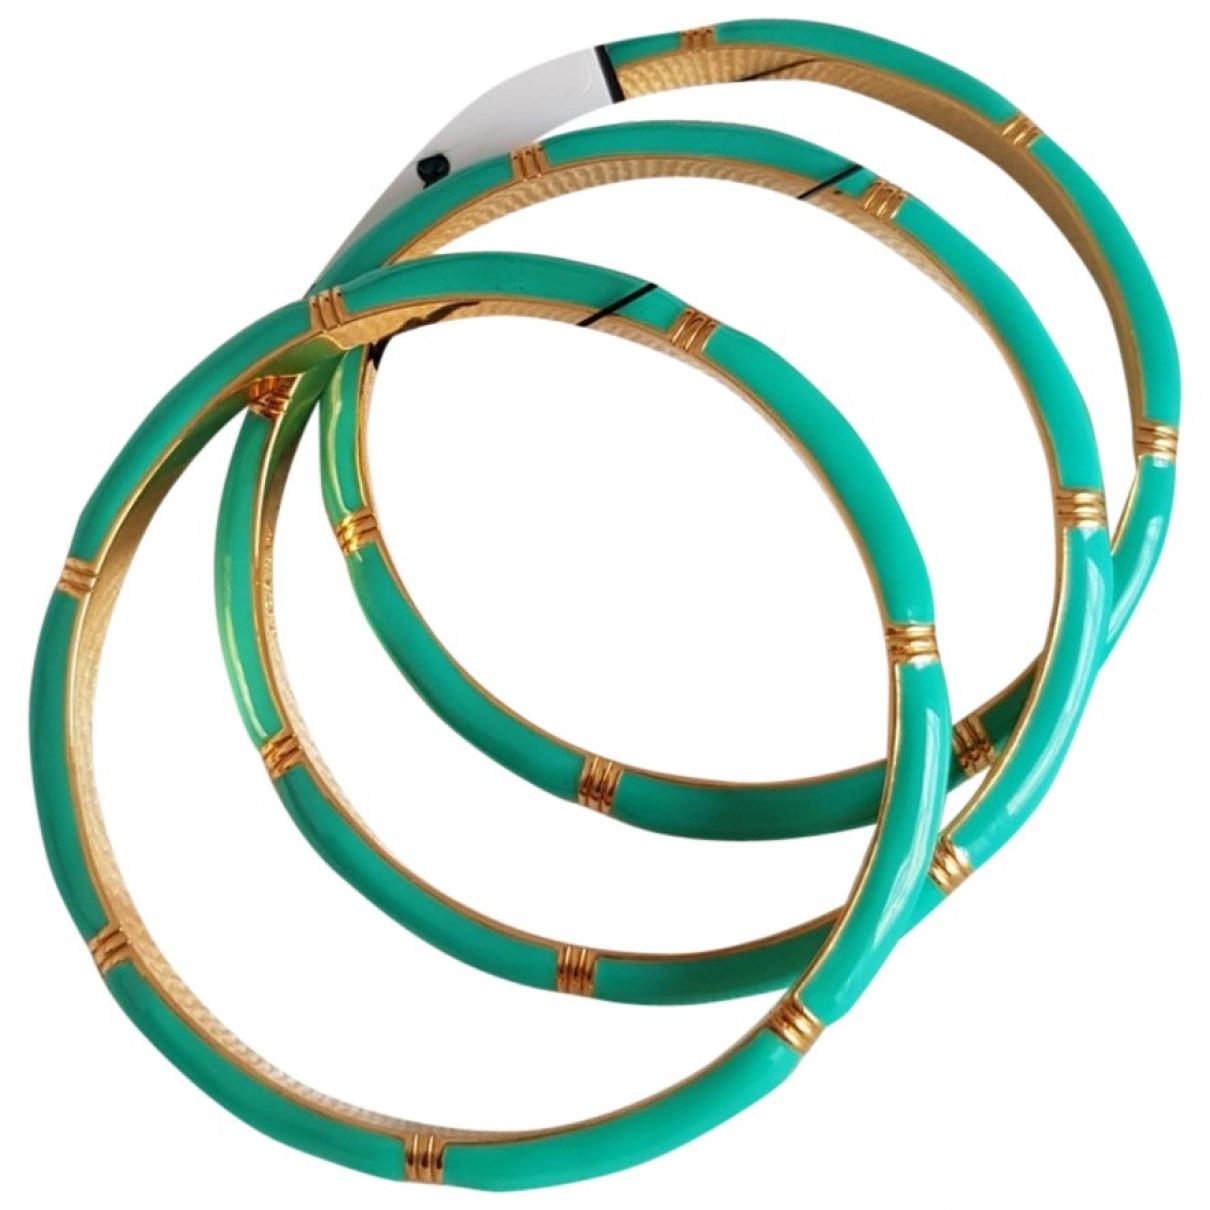 J.crew - Bracelet   pour femme en metal - turquoise